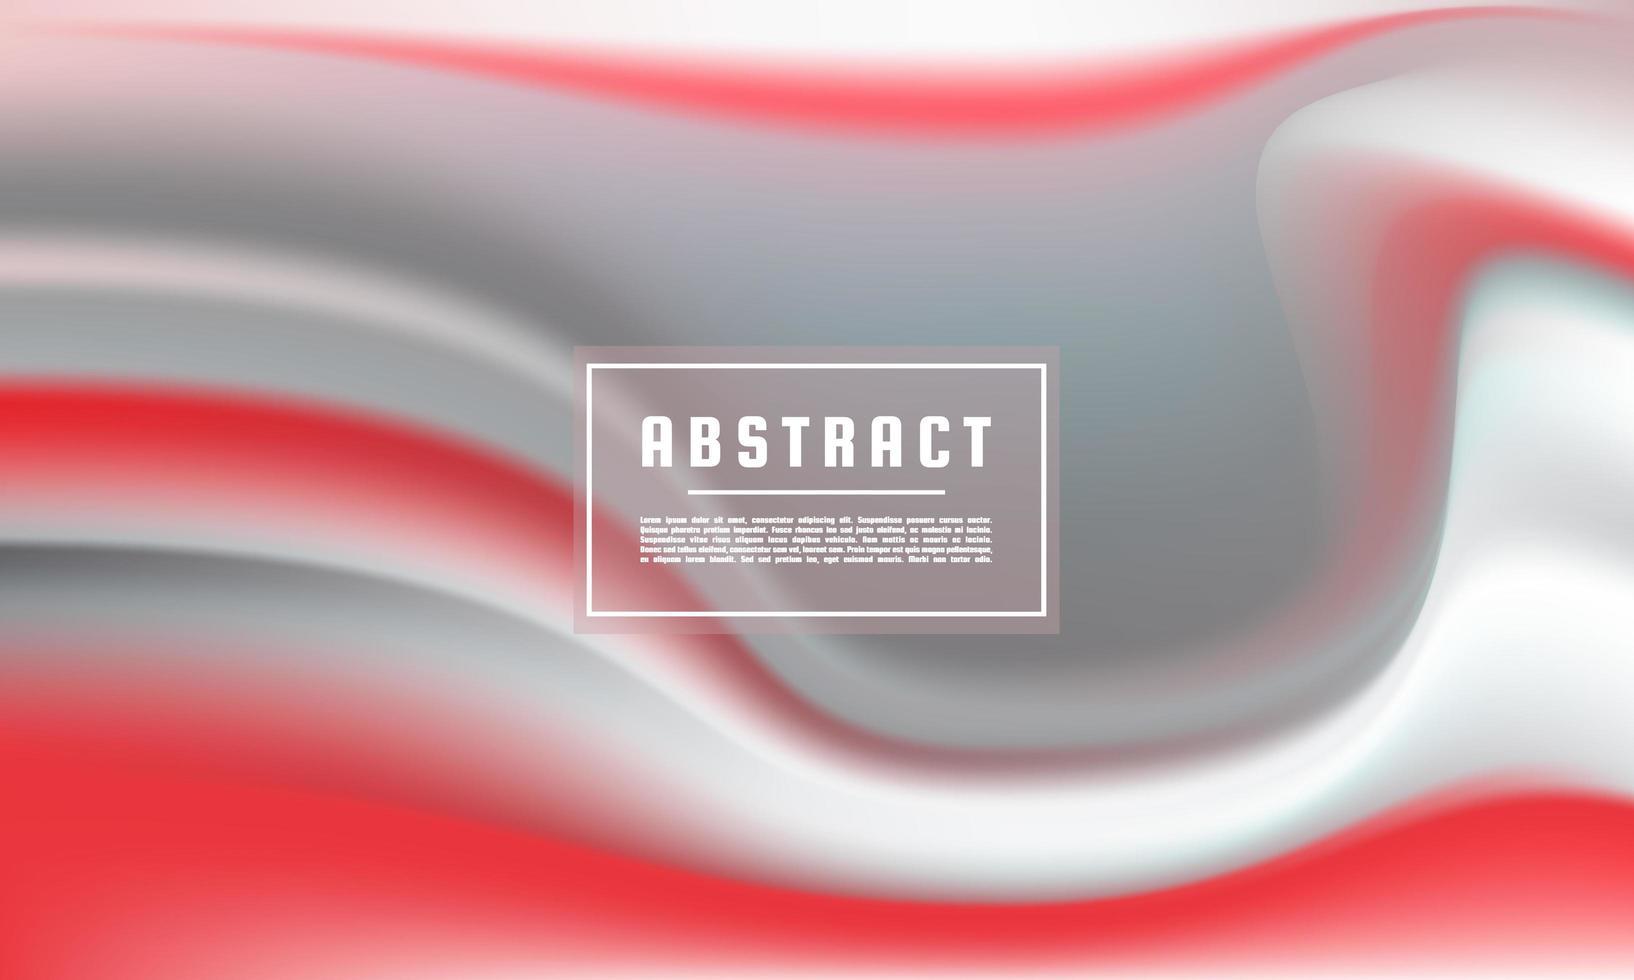 abstracte vloeibare kleur stroom achtergrond sjabloon vector